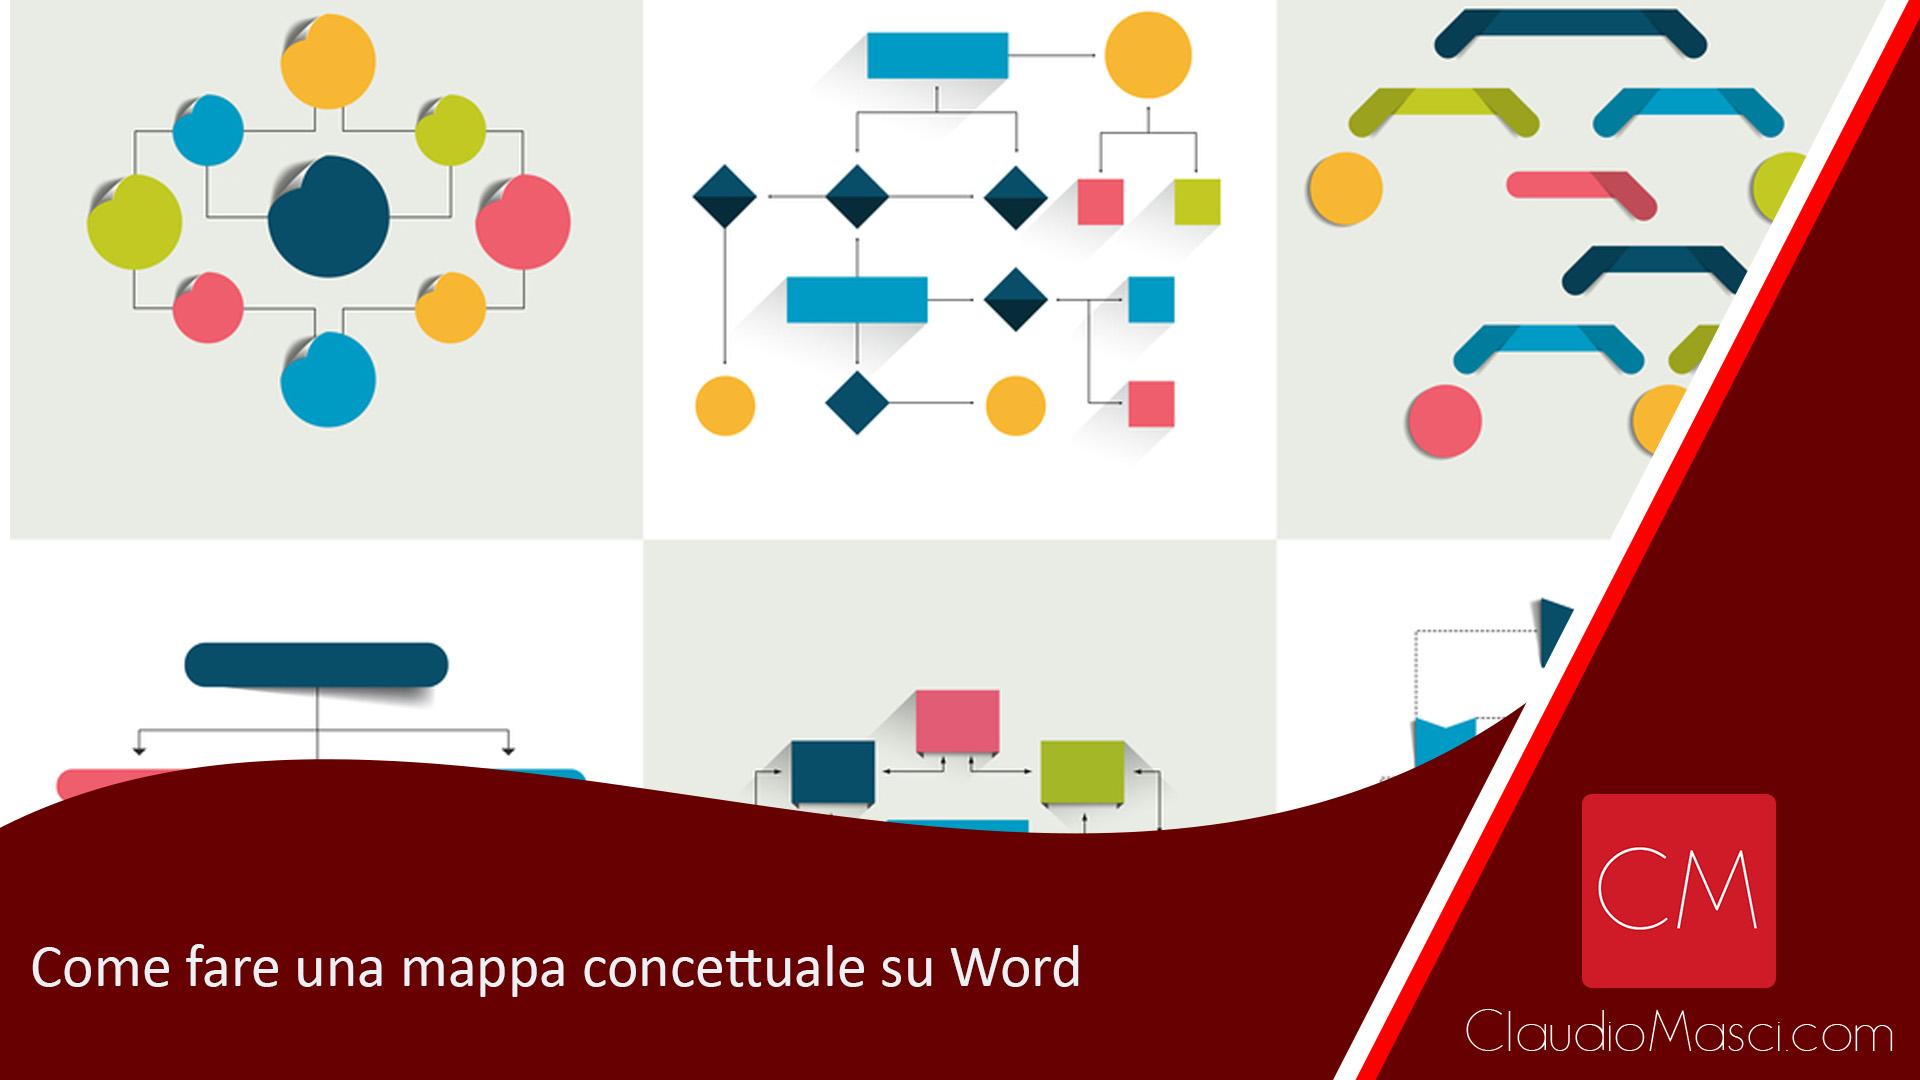 Come fare una mappa concettuale su Word